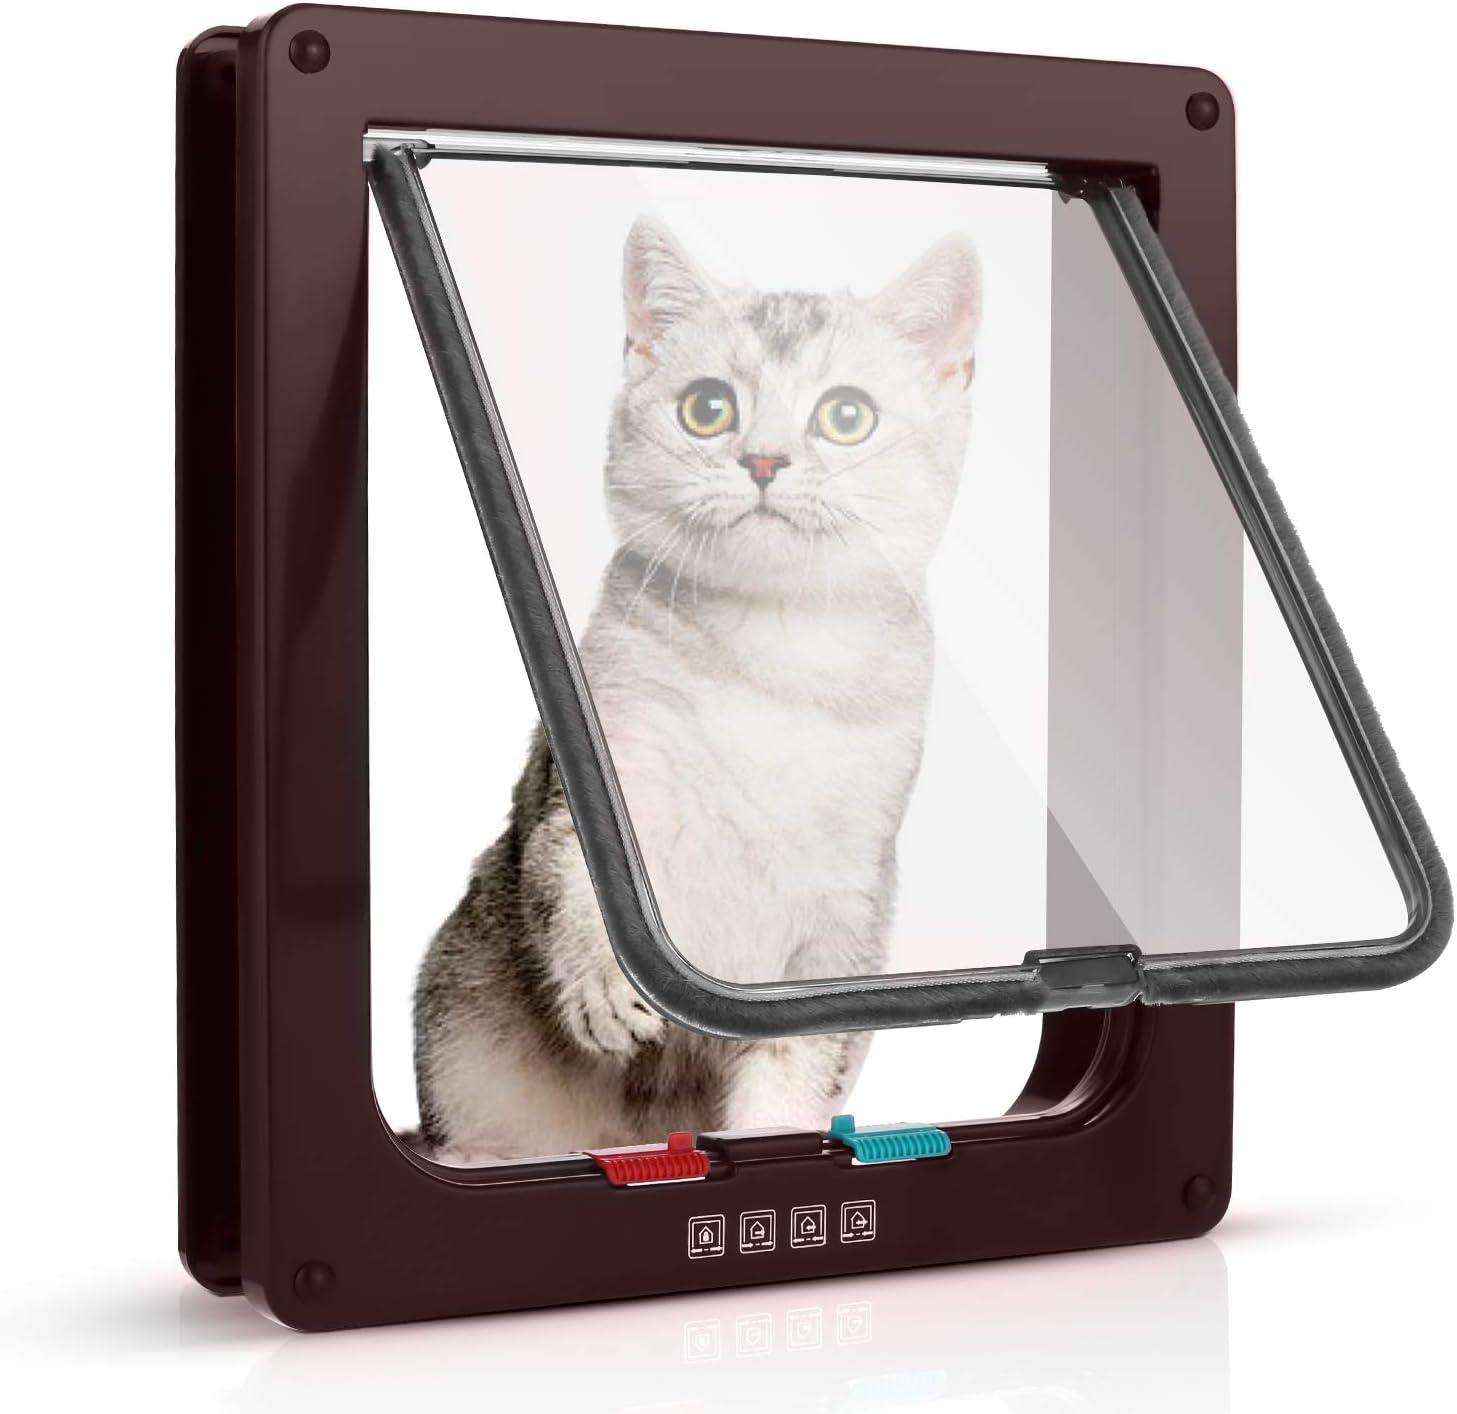 Sailnovo Puerta para Gato con Cierre magnético de 4 vías, Puerta para Mascotas para Gatos y Perros pequeños, Puerta para Gatos con túnel L, Marrón 18 x 19 x 5.5 cm